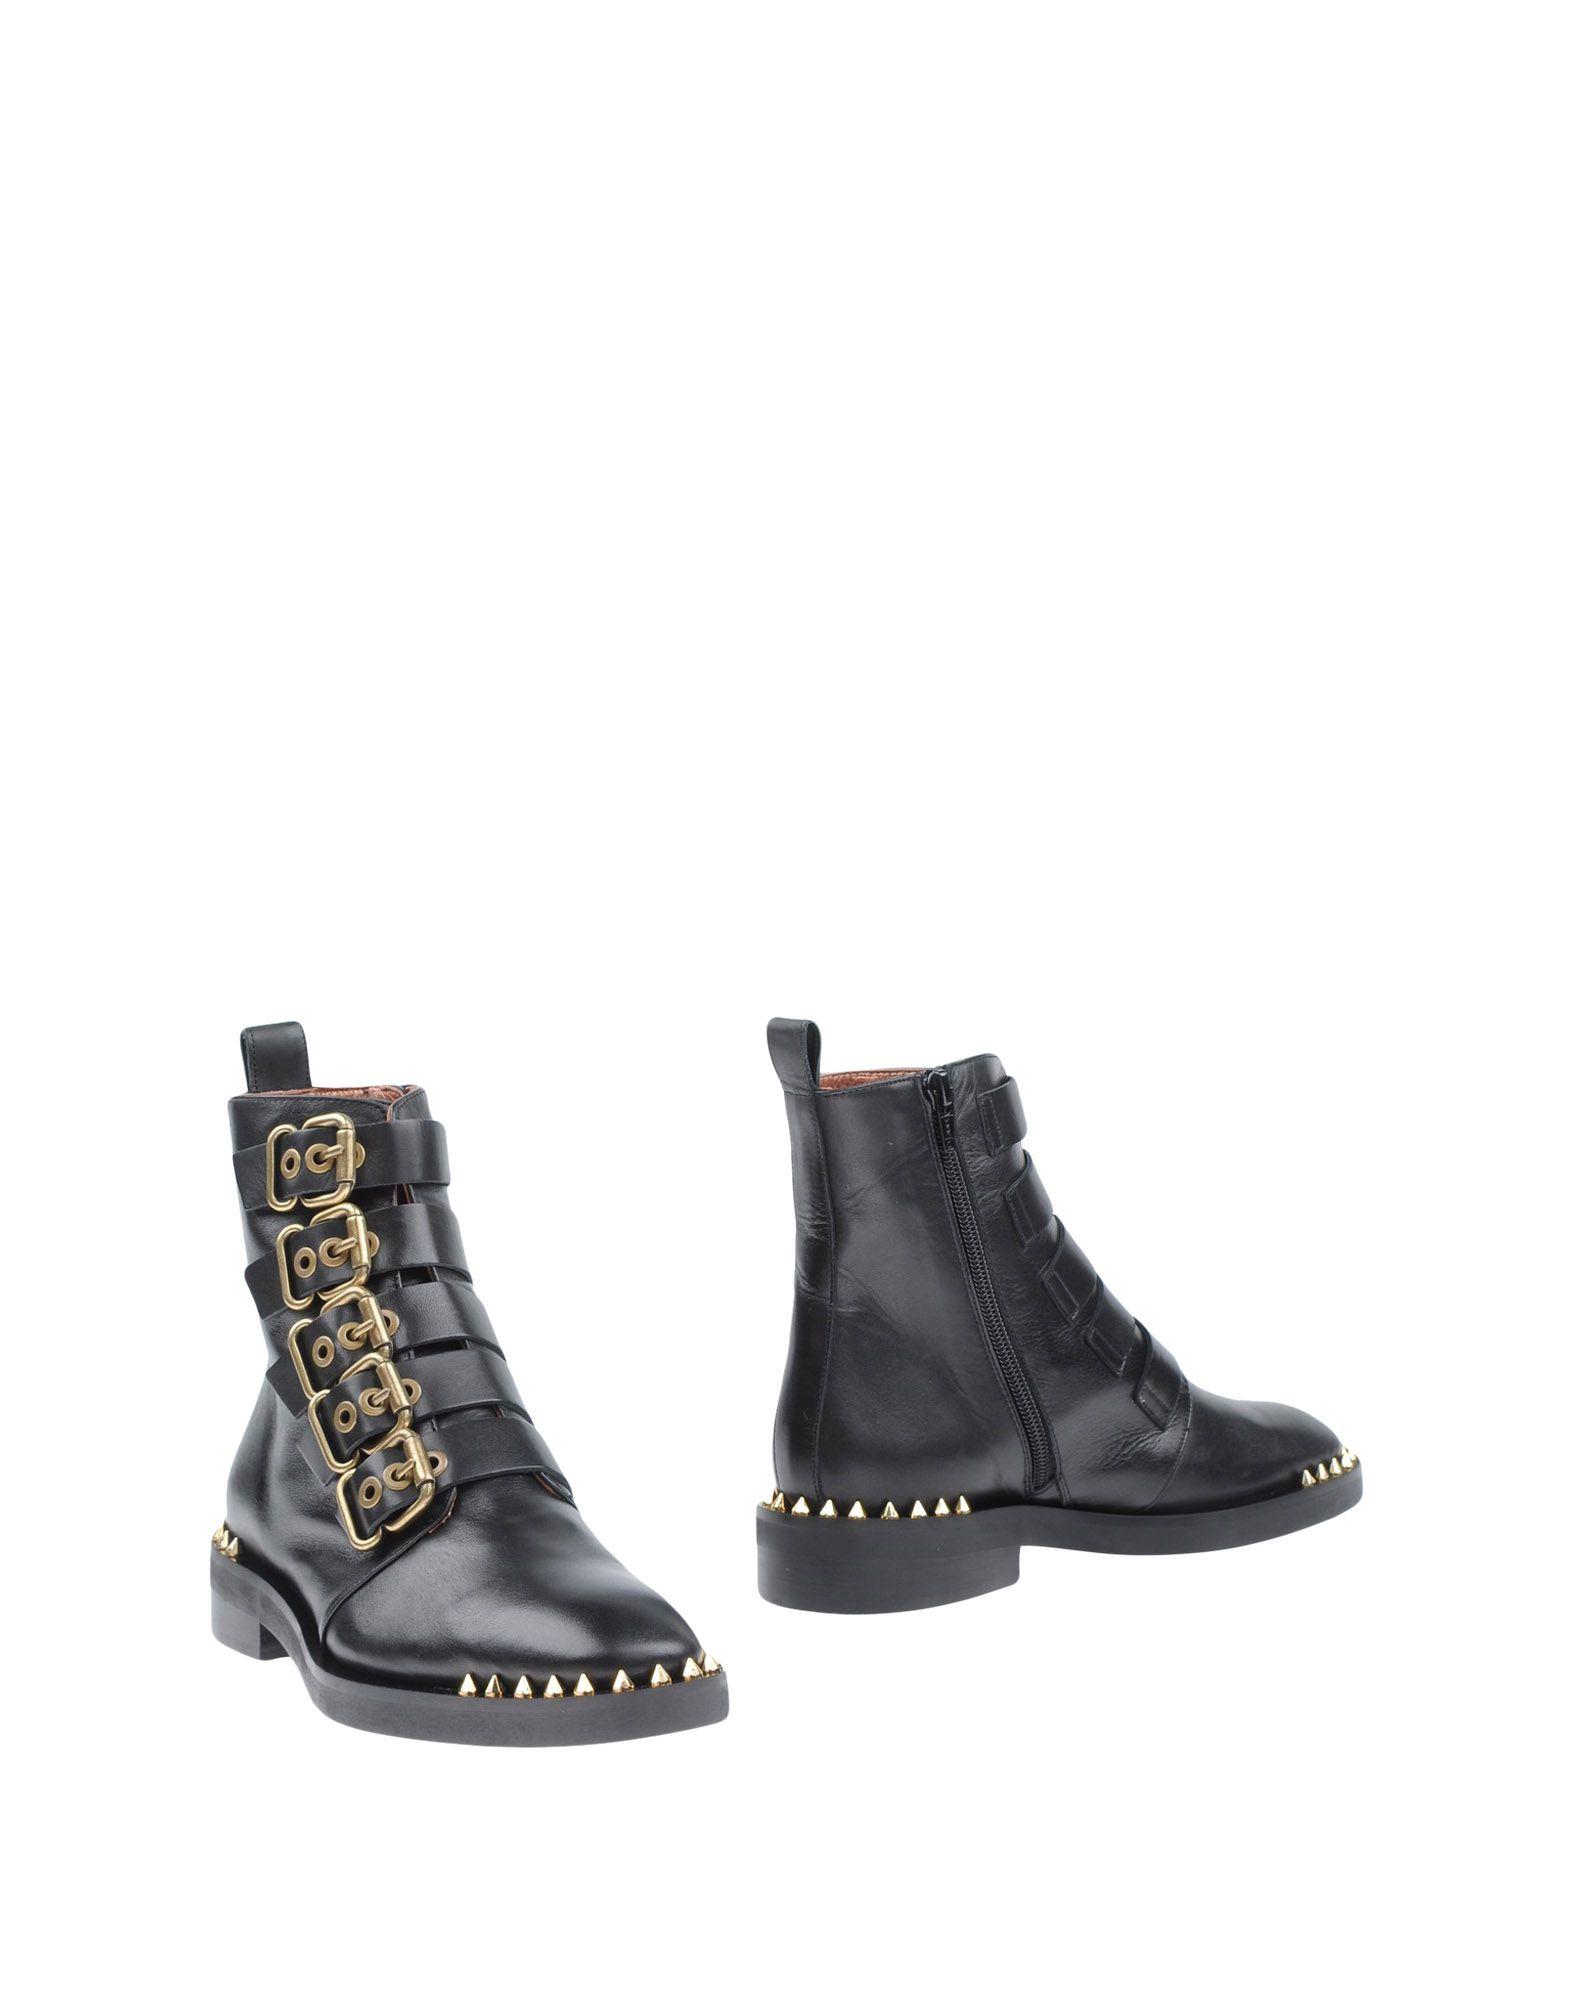 Ras Stiefelette Damen  11319835SBGut aussehende strapazierfähige Schuhe